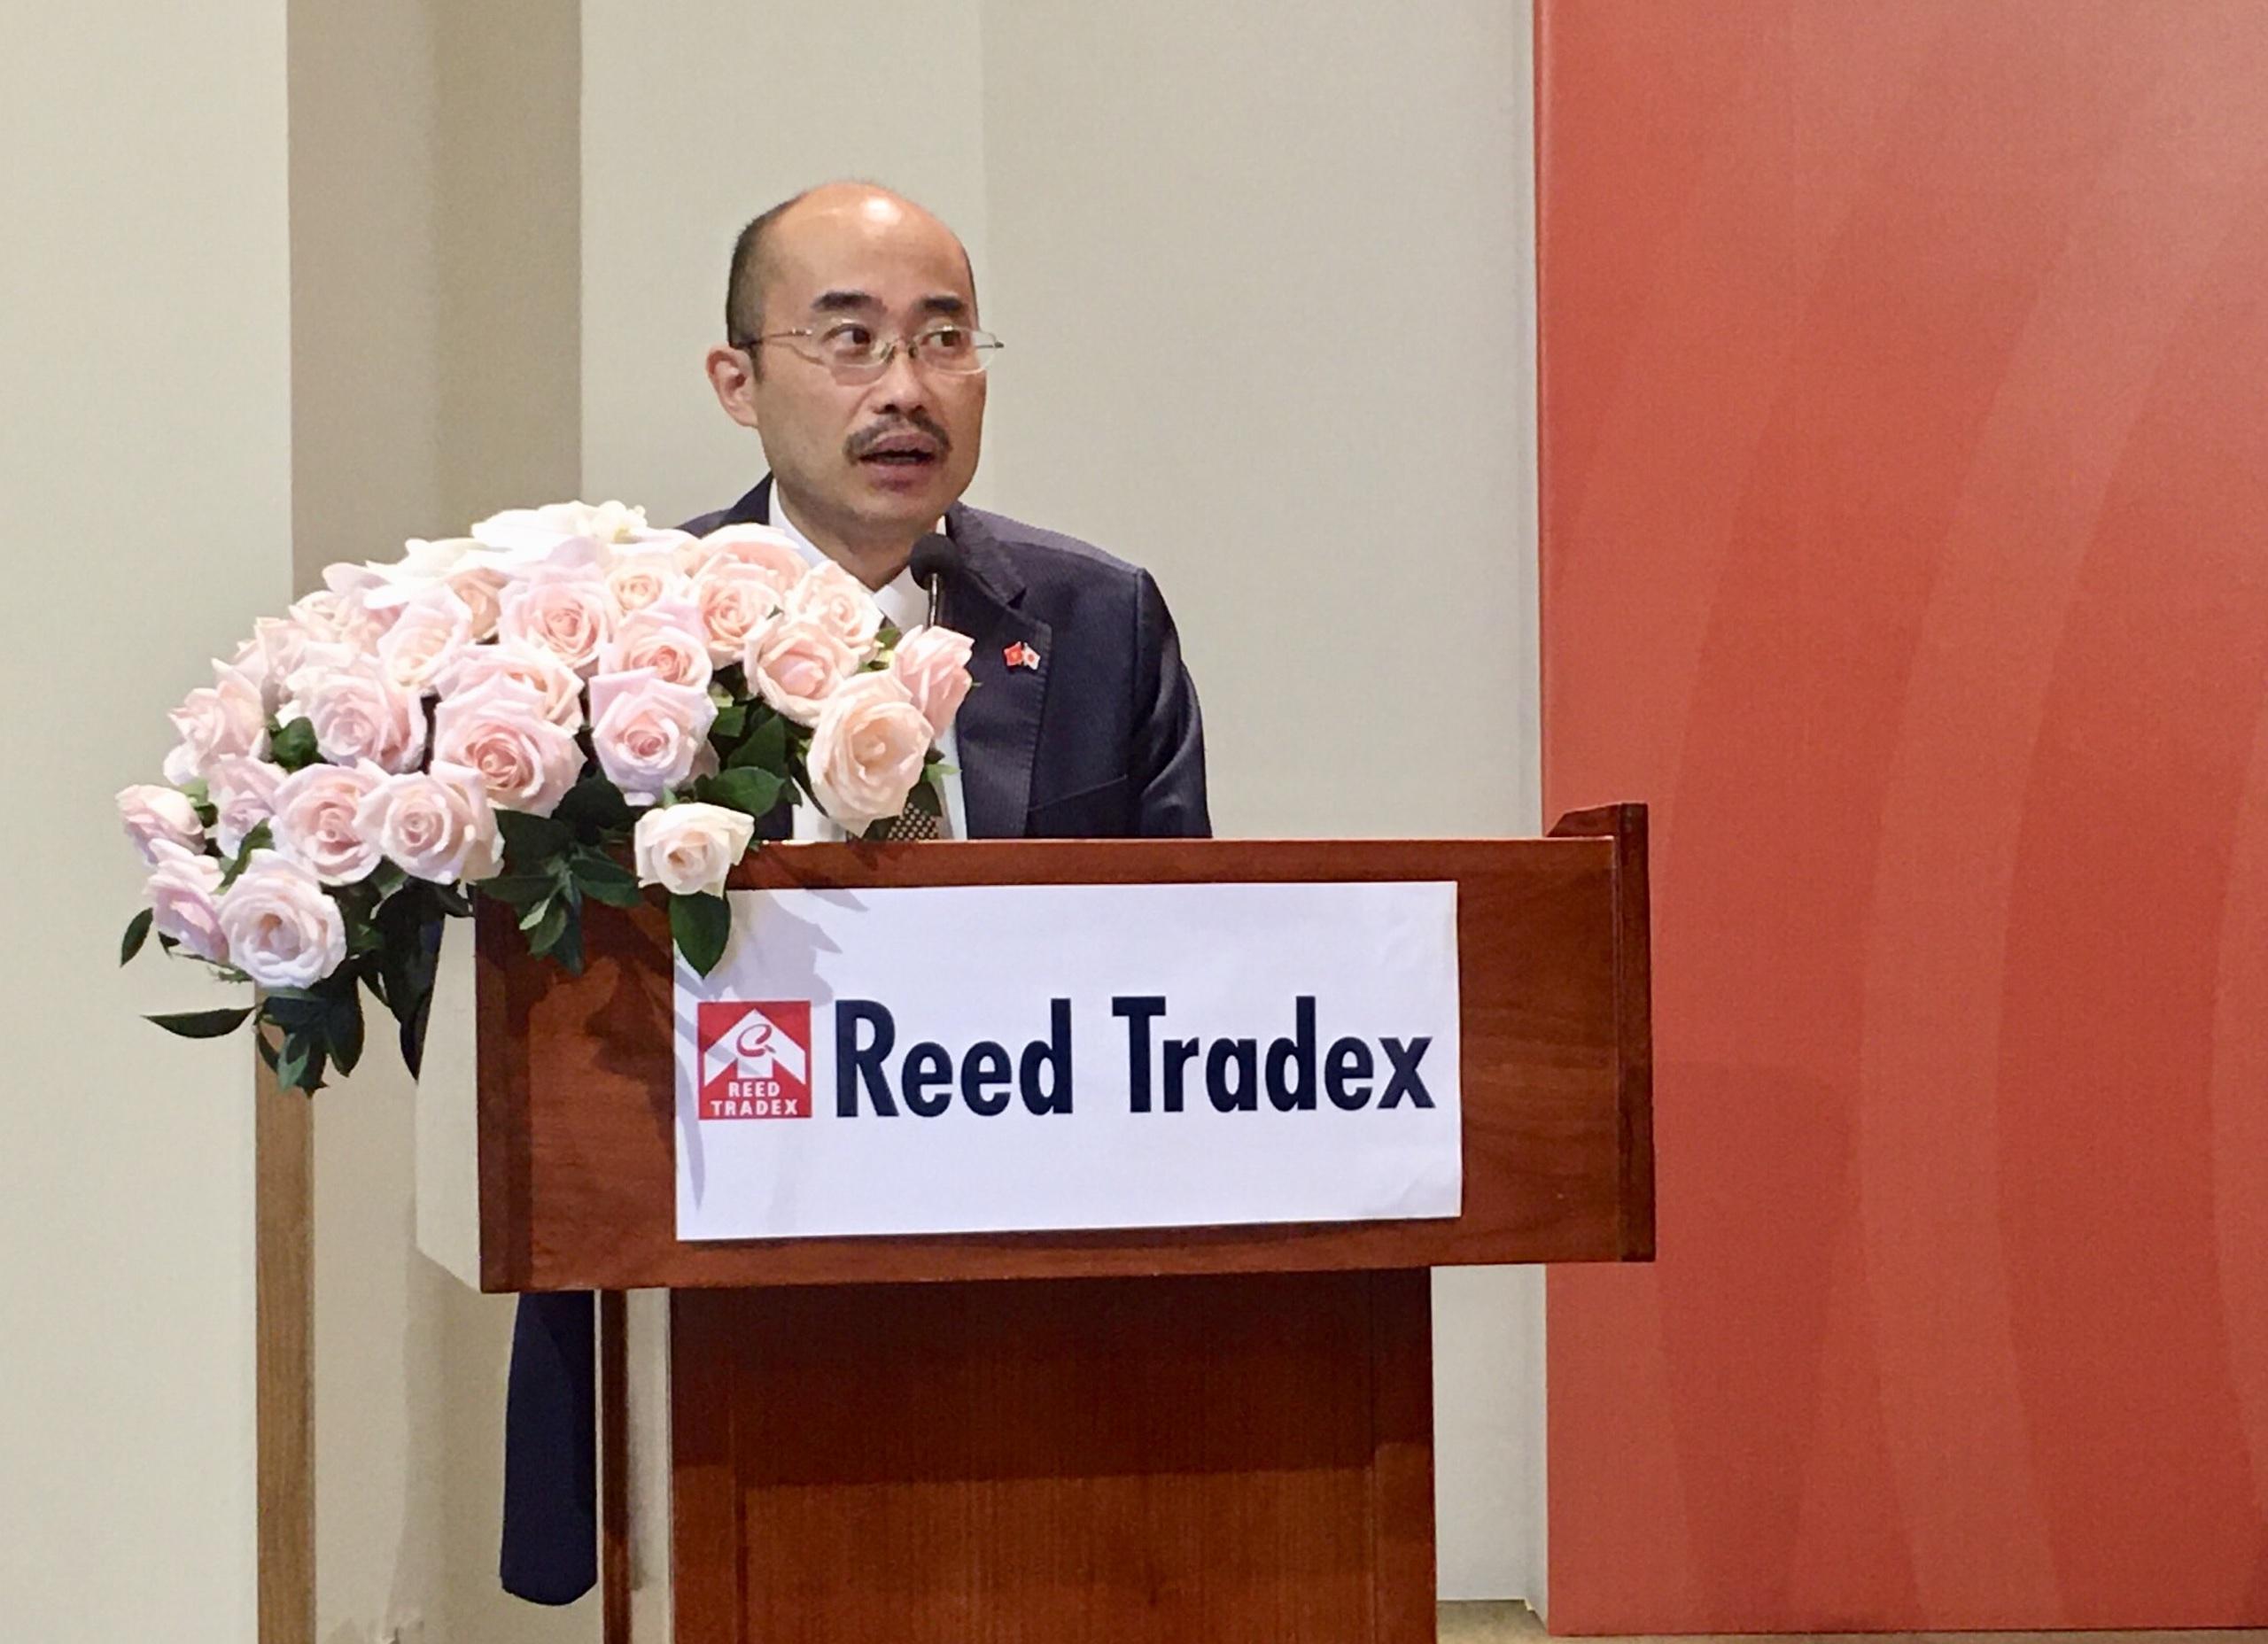 Doanh nghiệp Nhật Bản muốn đa dạng hóa cơ sở hoạt động tại Việt Nam - Ảnh 1.